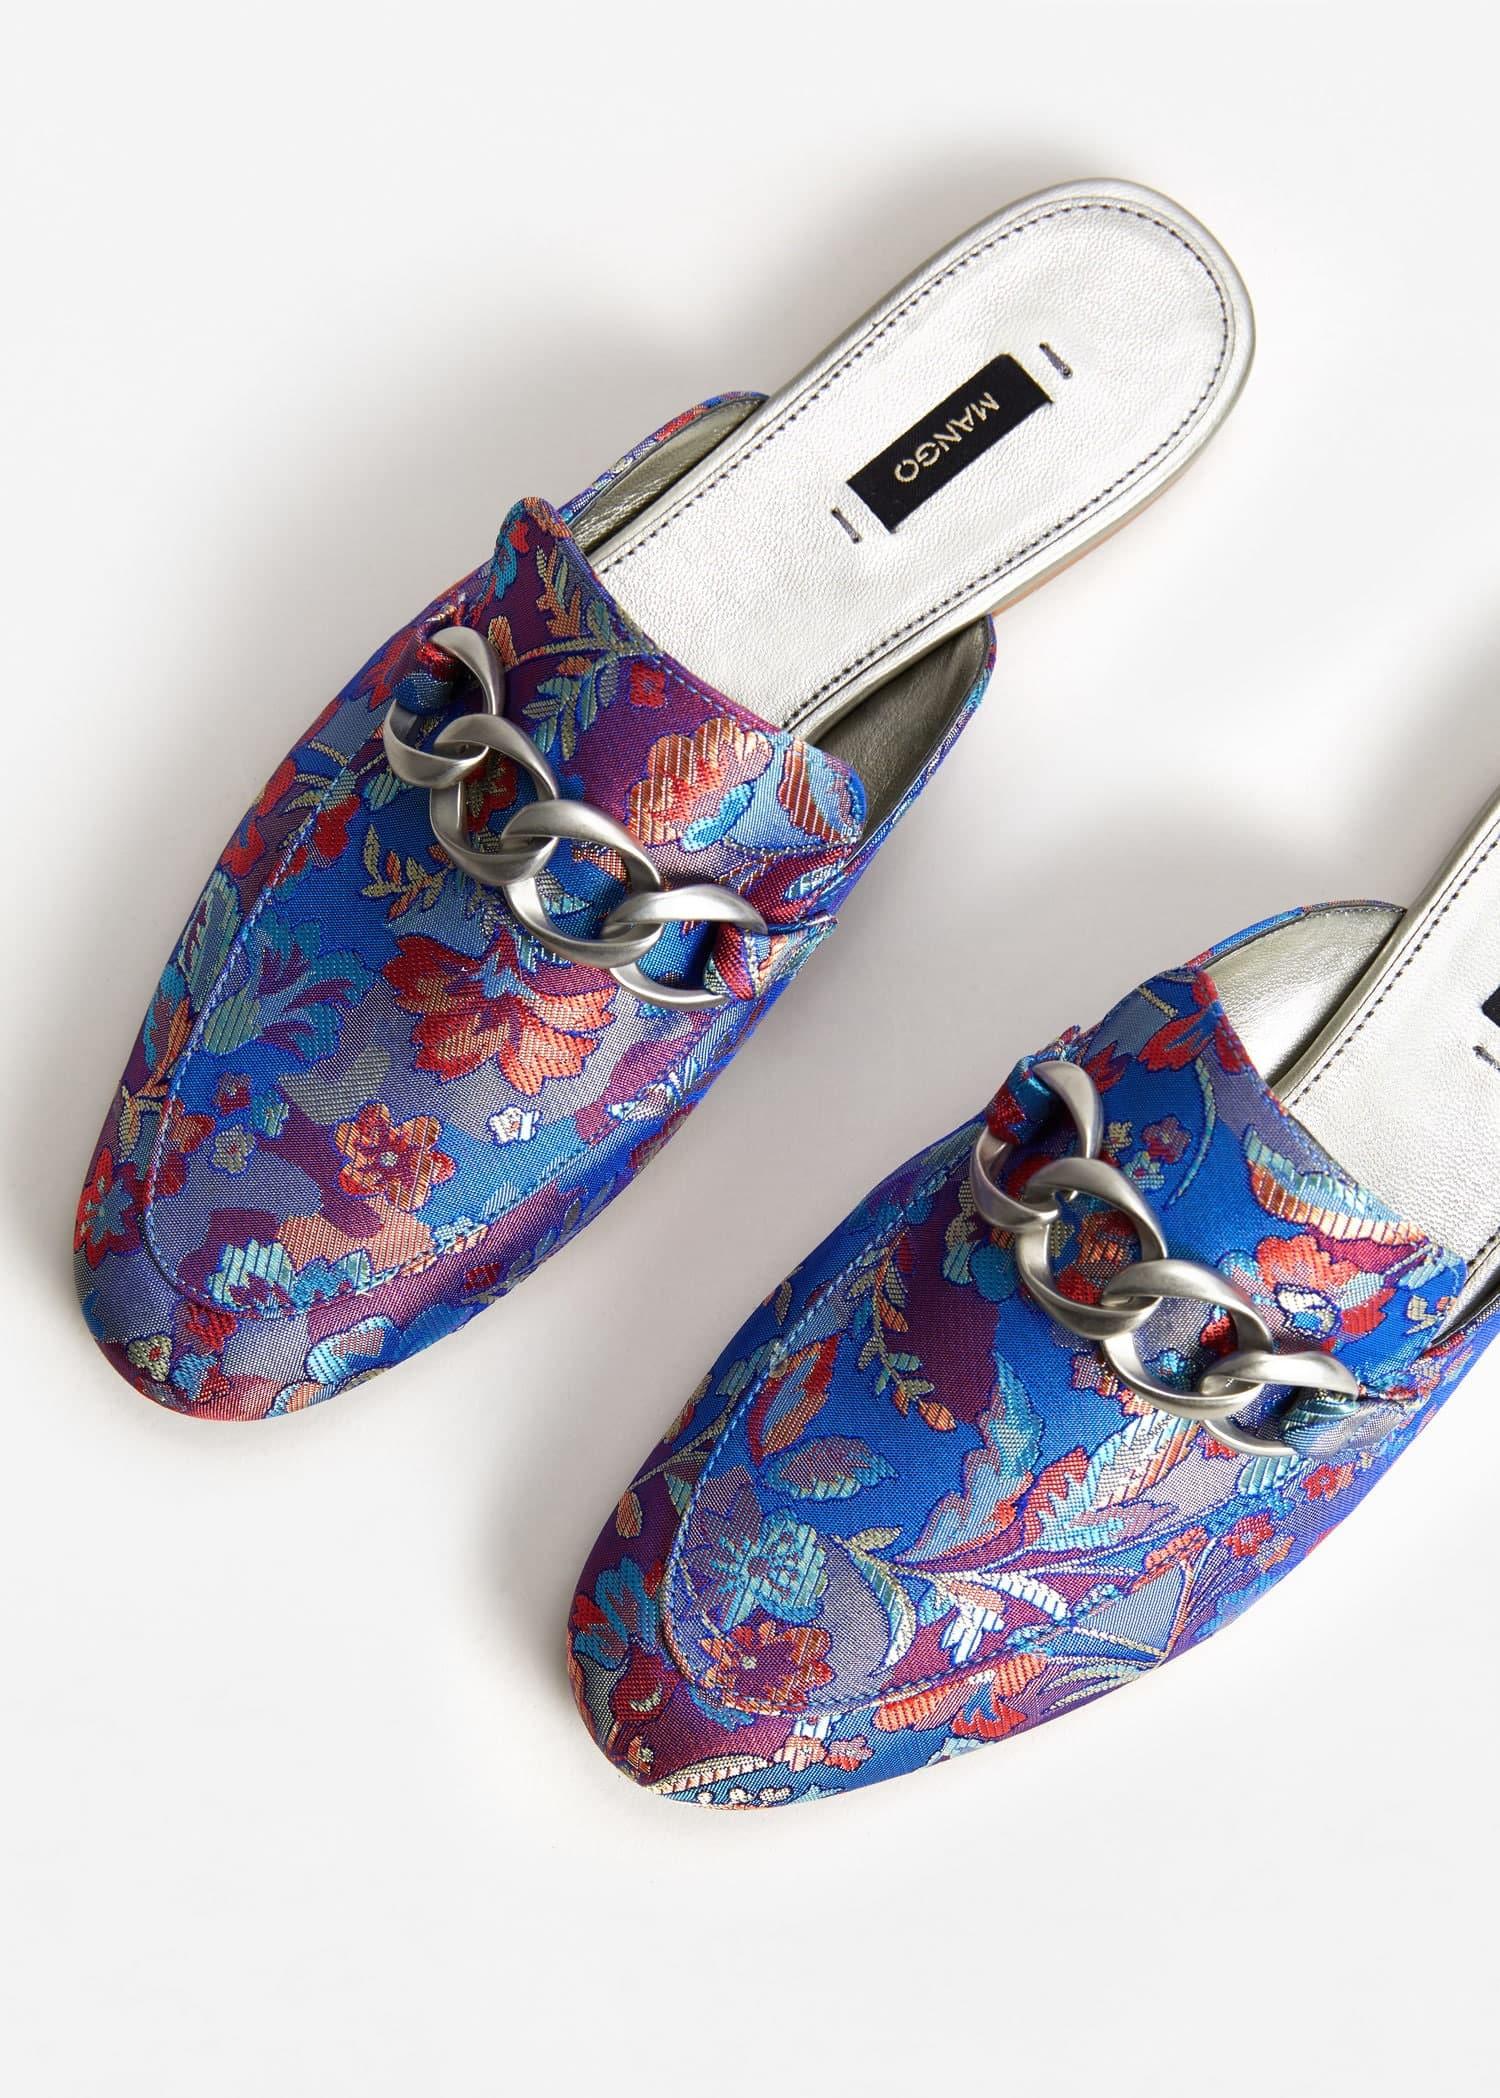 Cool for less: le varianti low cost delle scarpe di Gucci